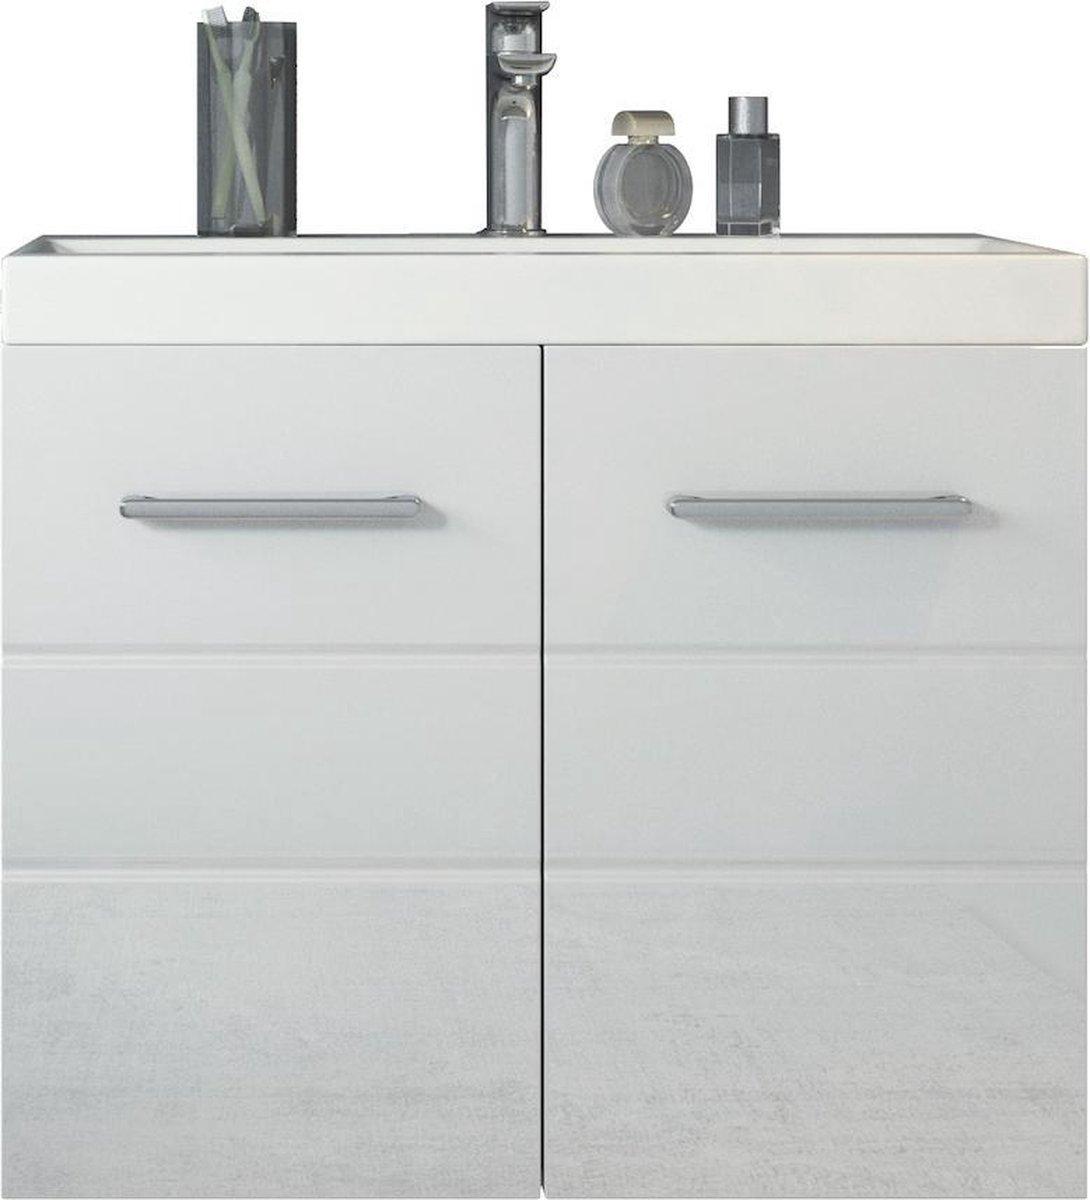 Badplaats - Badkamermeubel Toledo 01 60cm - Wit - Kast met wastafel